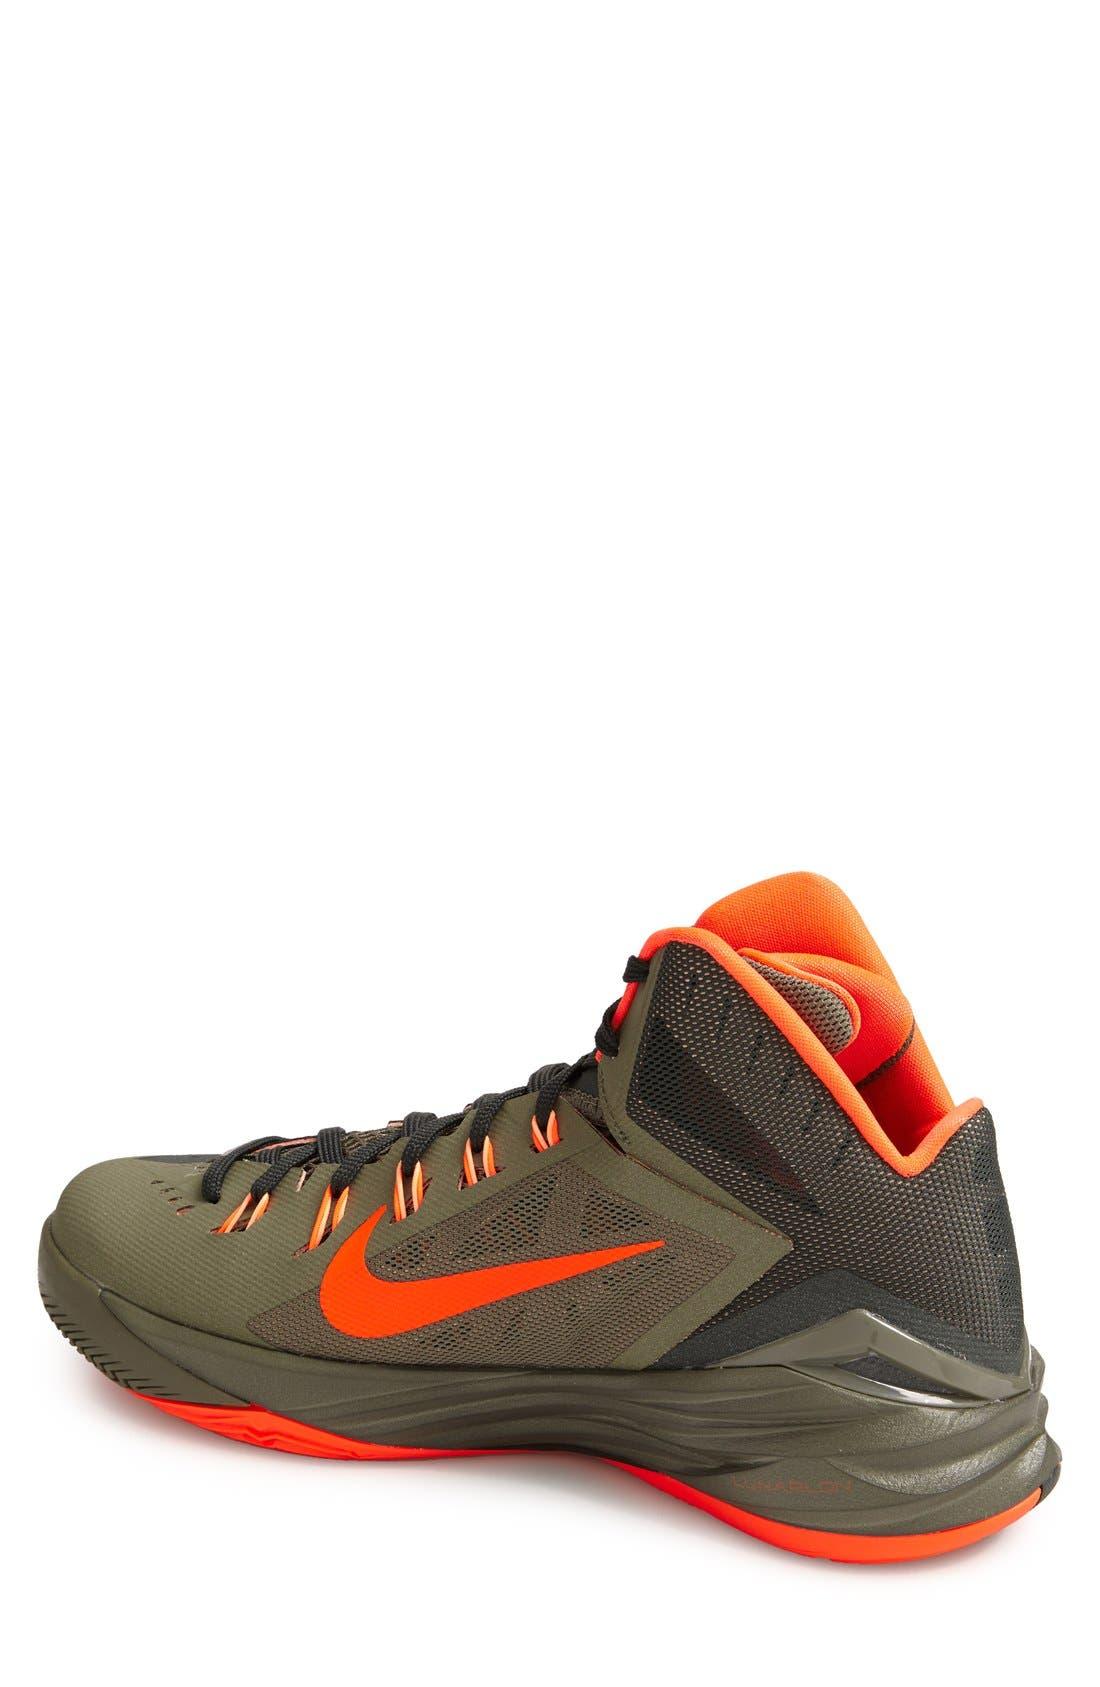 Alternate Image 2  - Nike 'Hyperdunk 2014' Basketball Shoe (Men)